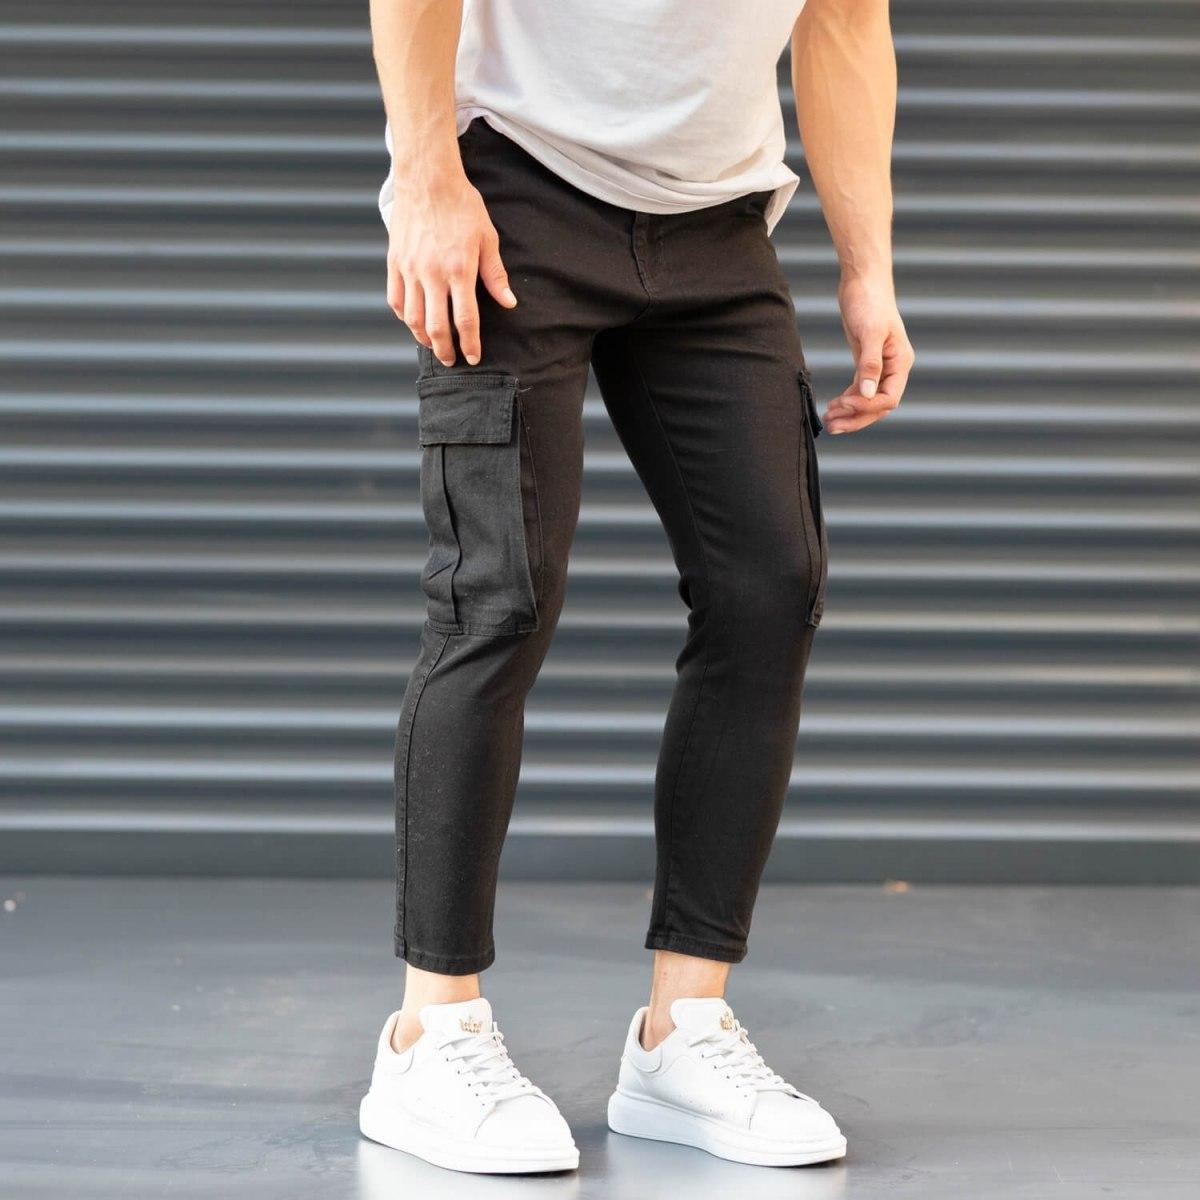 Men's Pocket Style Jeans in Black Mv Premium Brand - 4